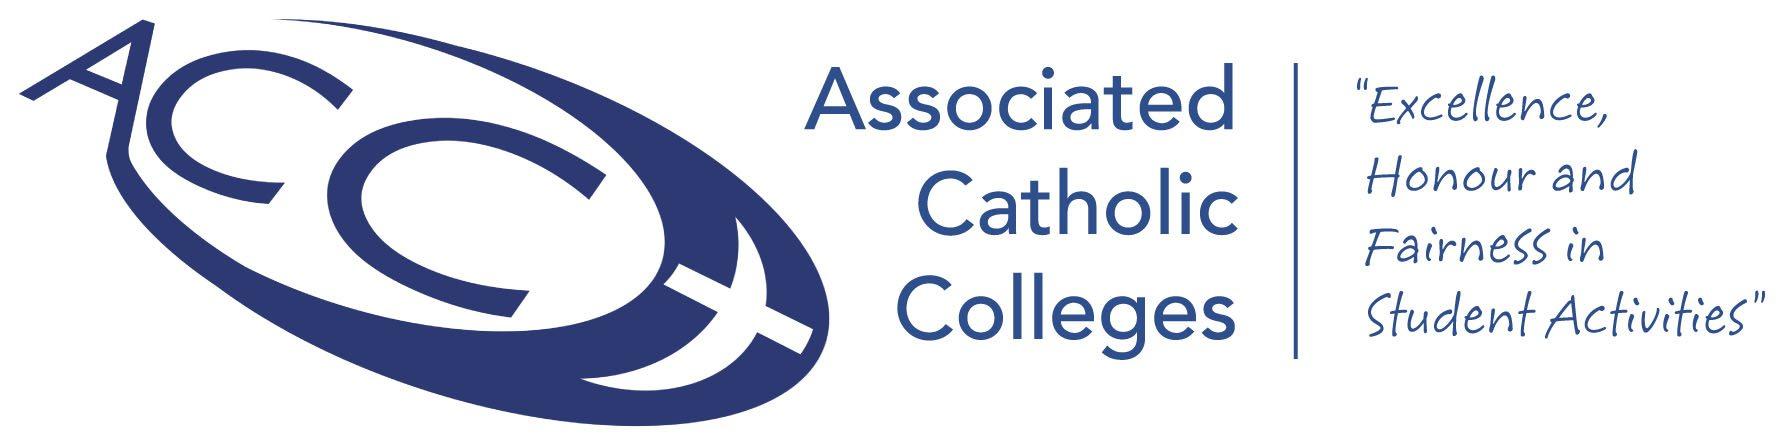 ACC logo 06_large